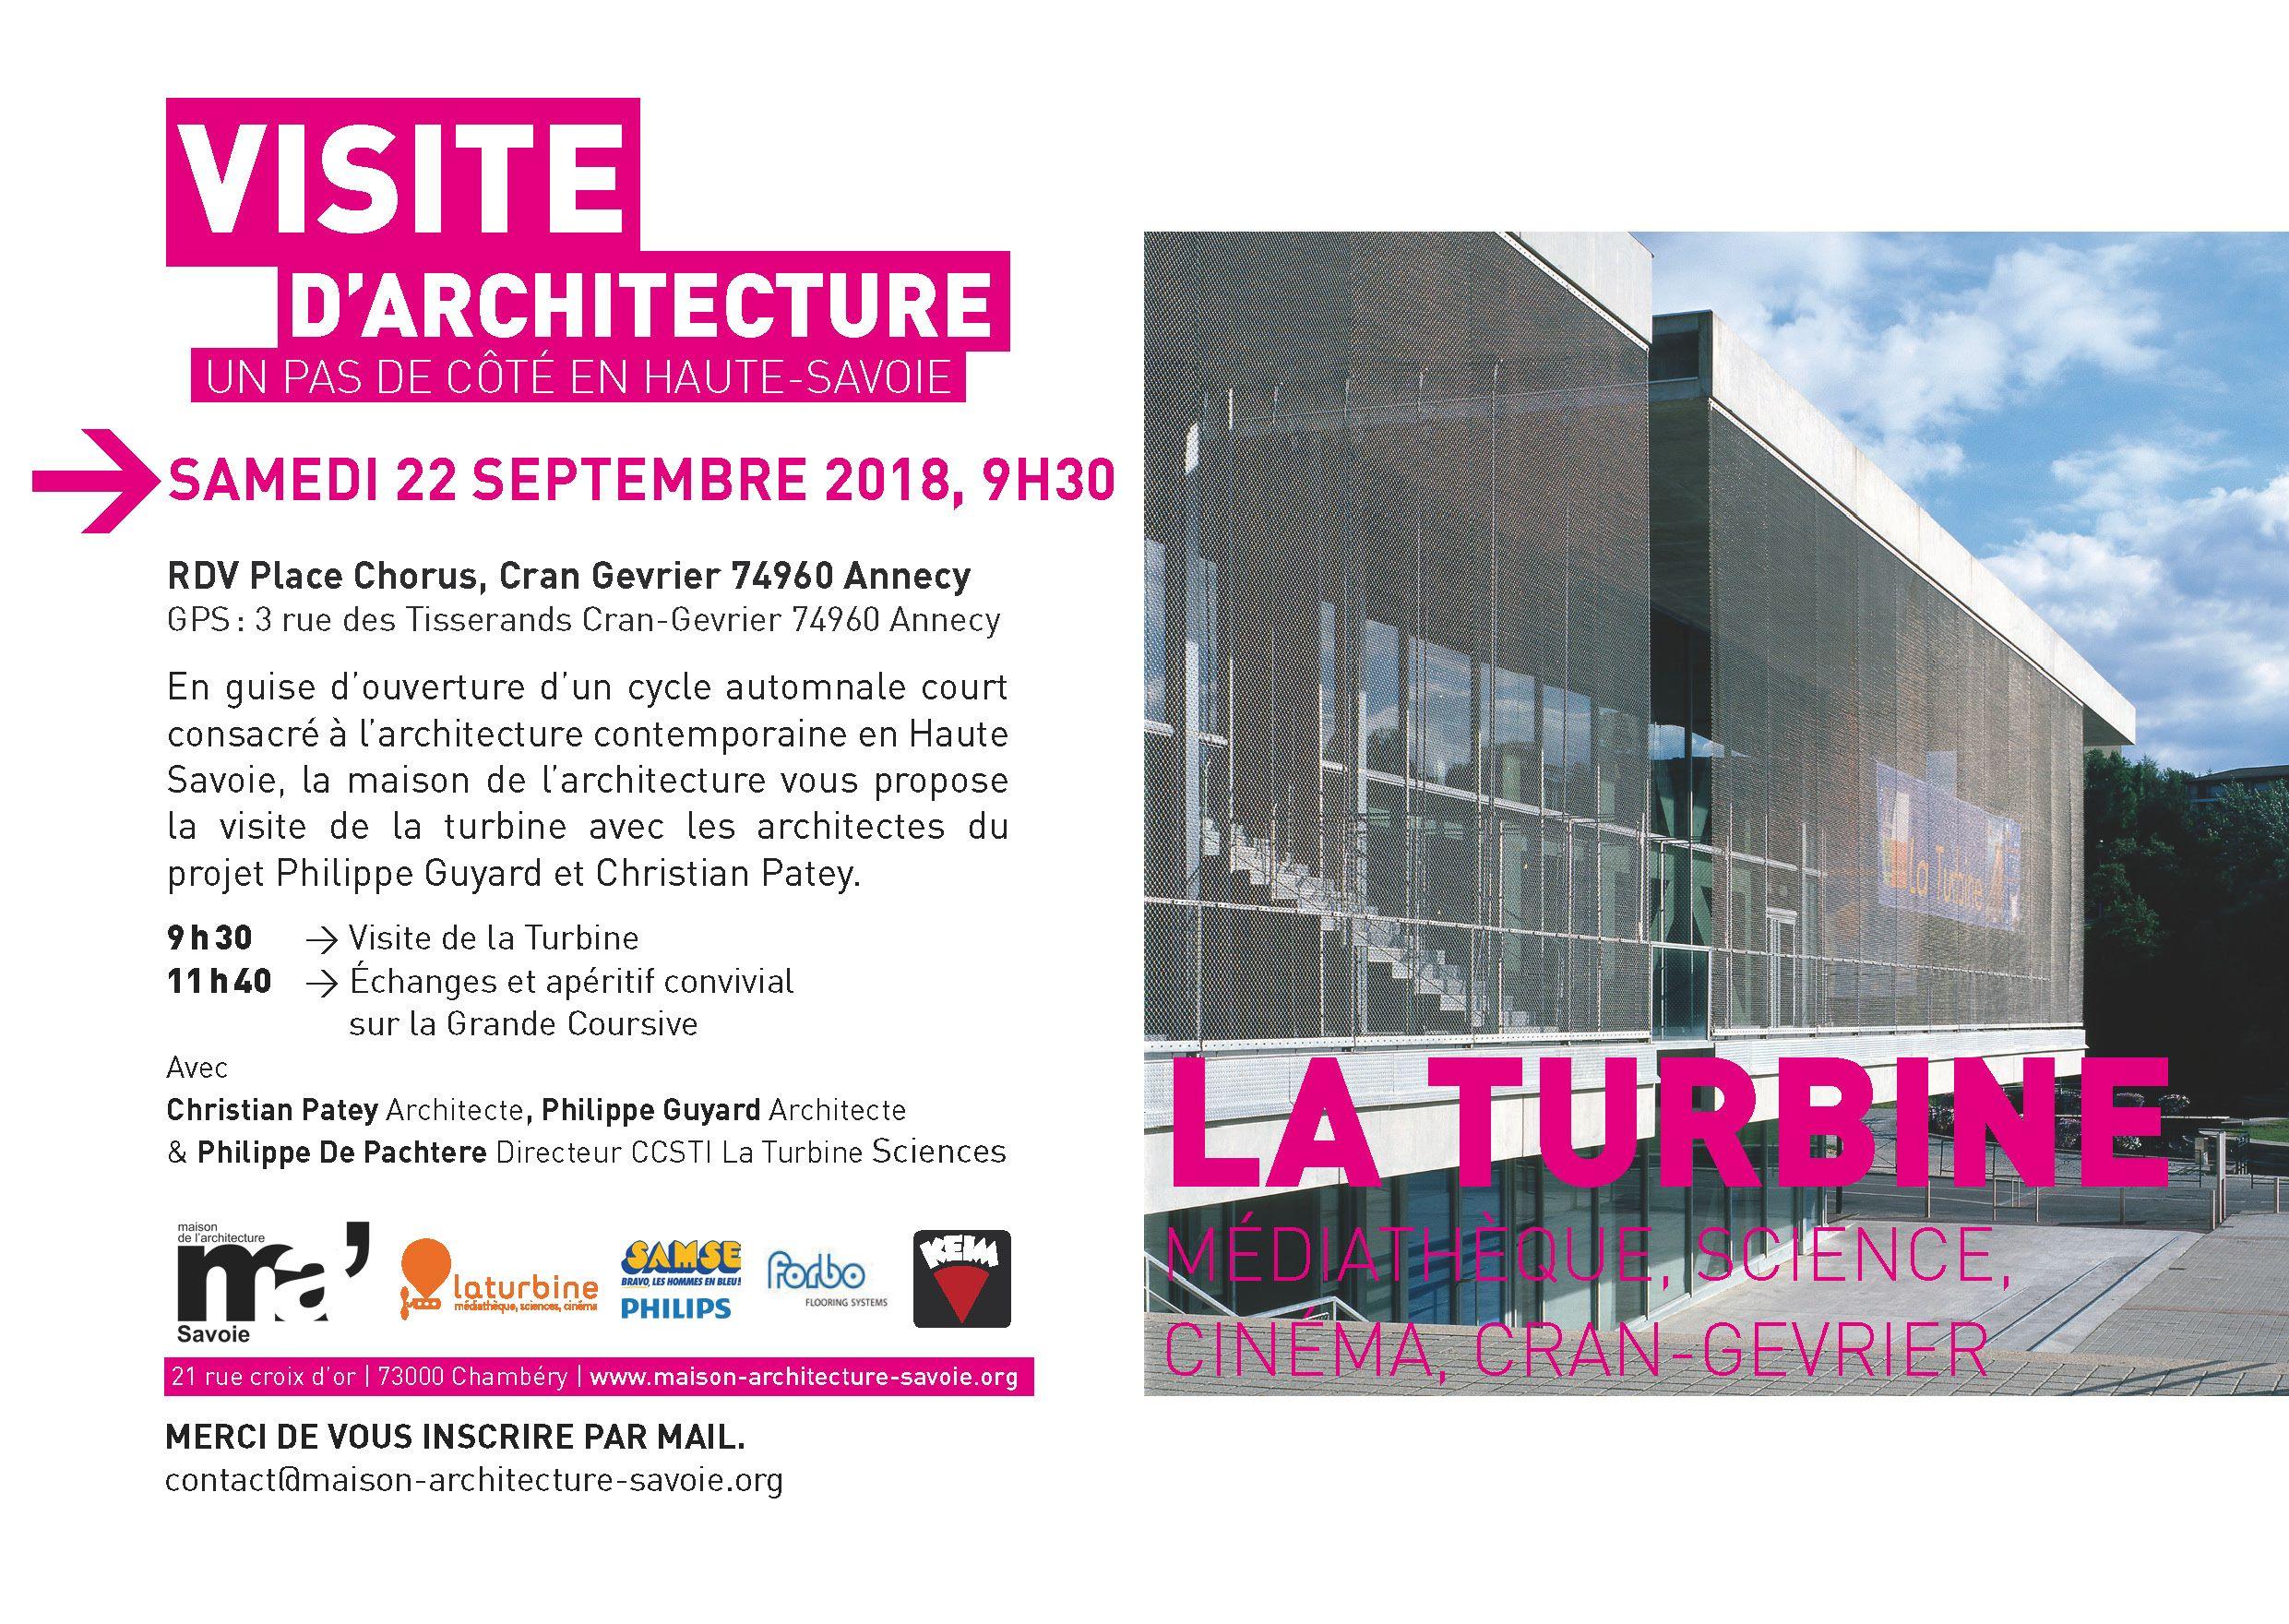 maison de l'architecture de savoie | expositions, visites, cinéma d